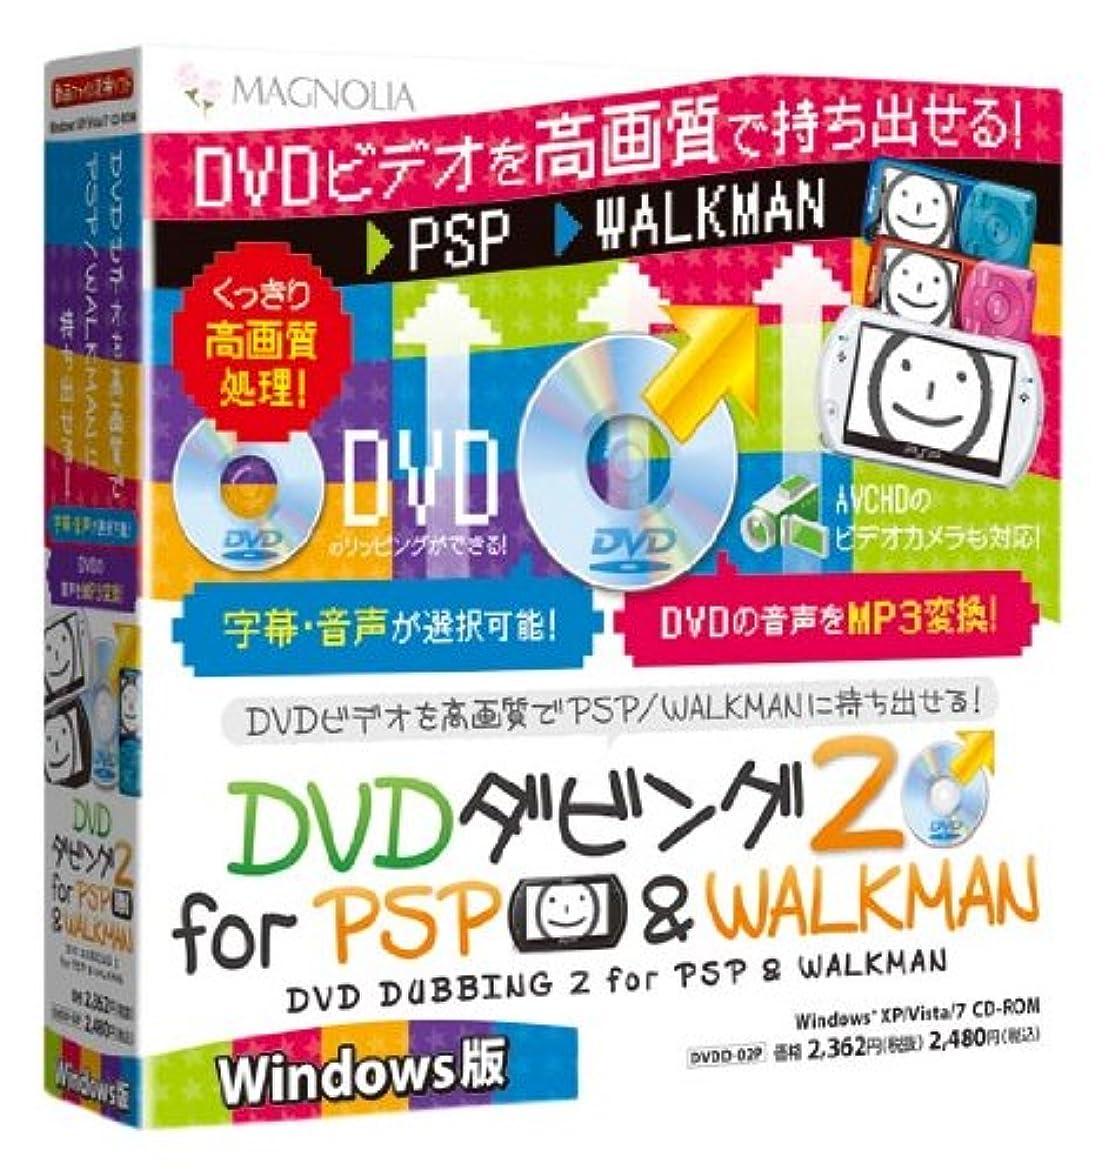 ノベルティ構築する無実マグノリア DVDダビング2 for PSP&WALKMAN